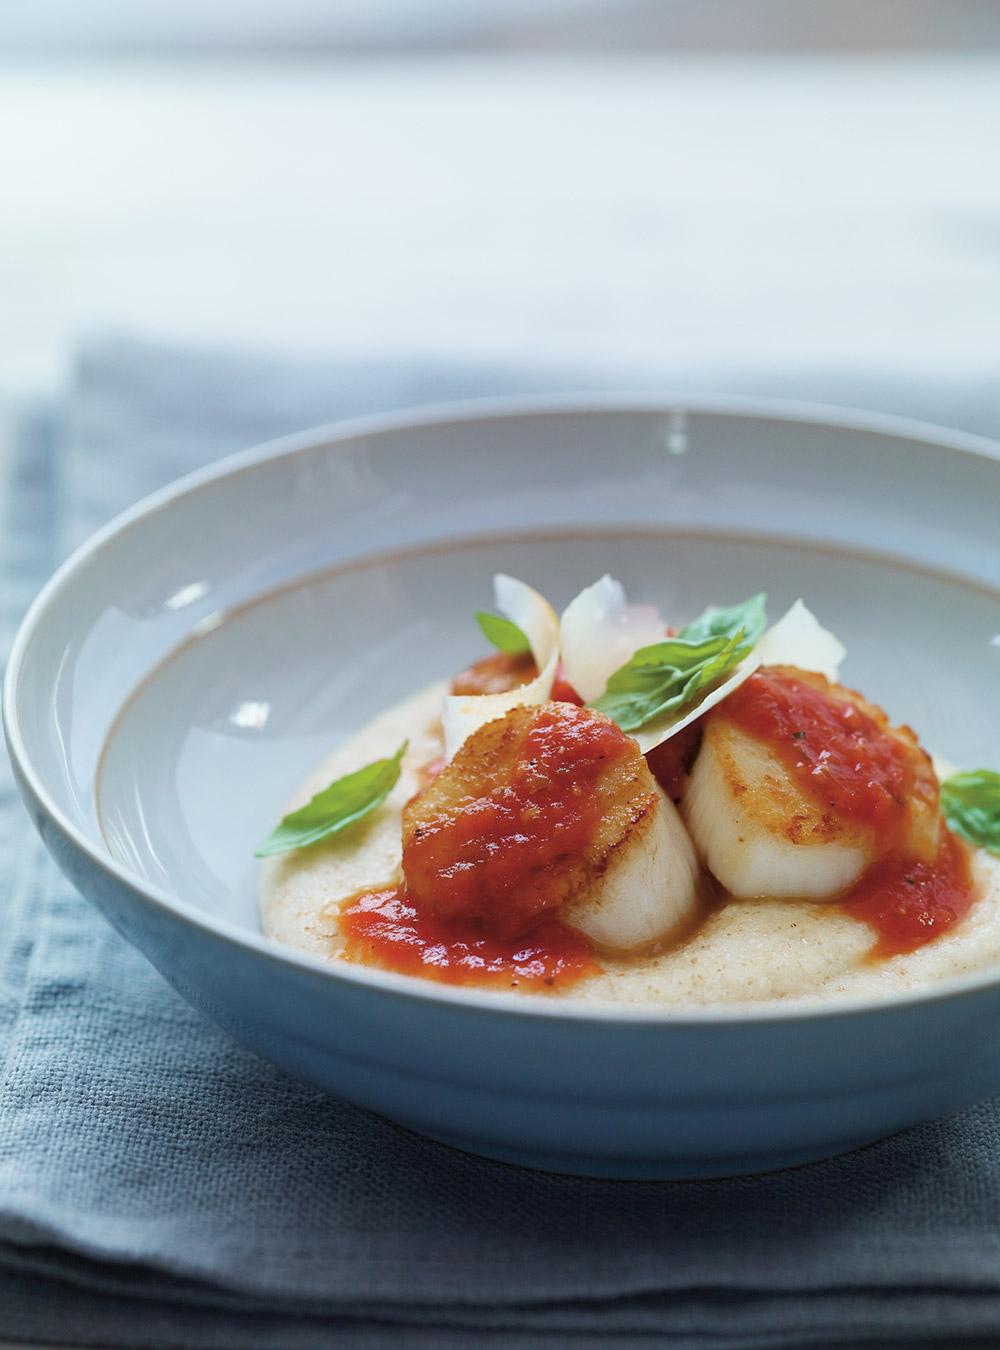 Pétoncles poêlés à la sauce tomate, crème de blé au parmesan ...